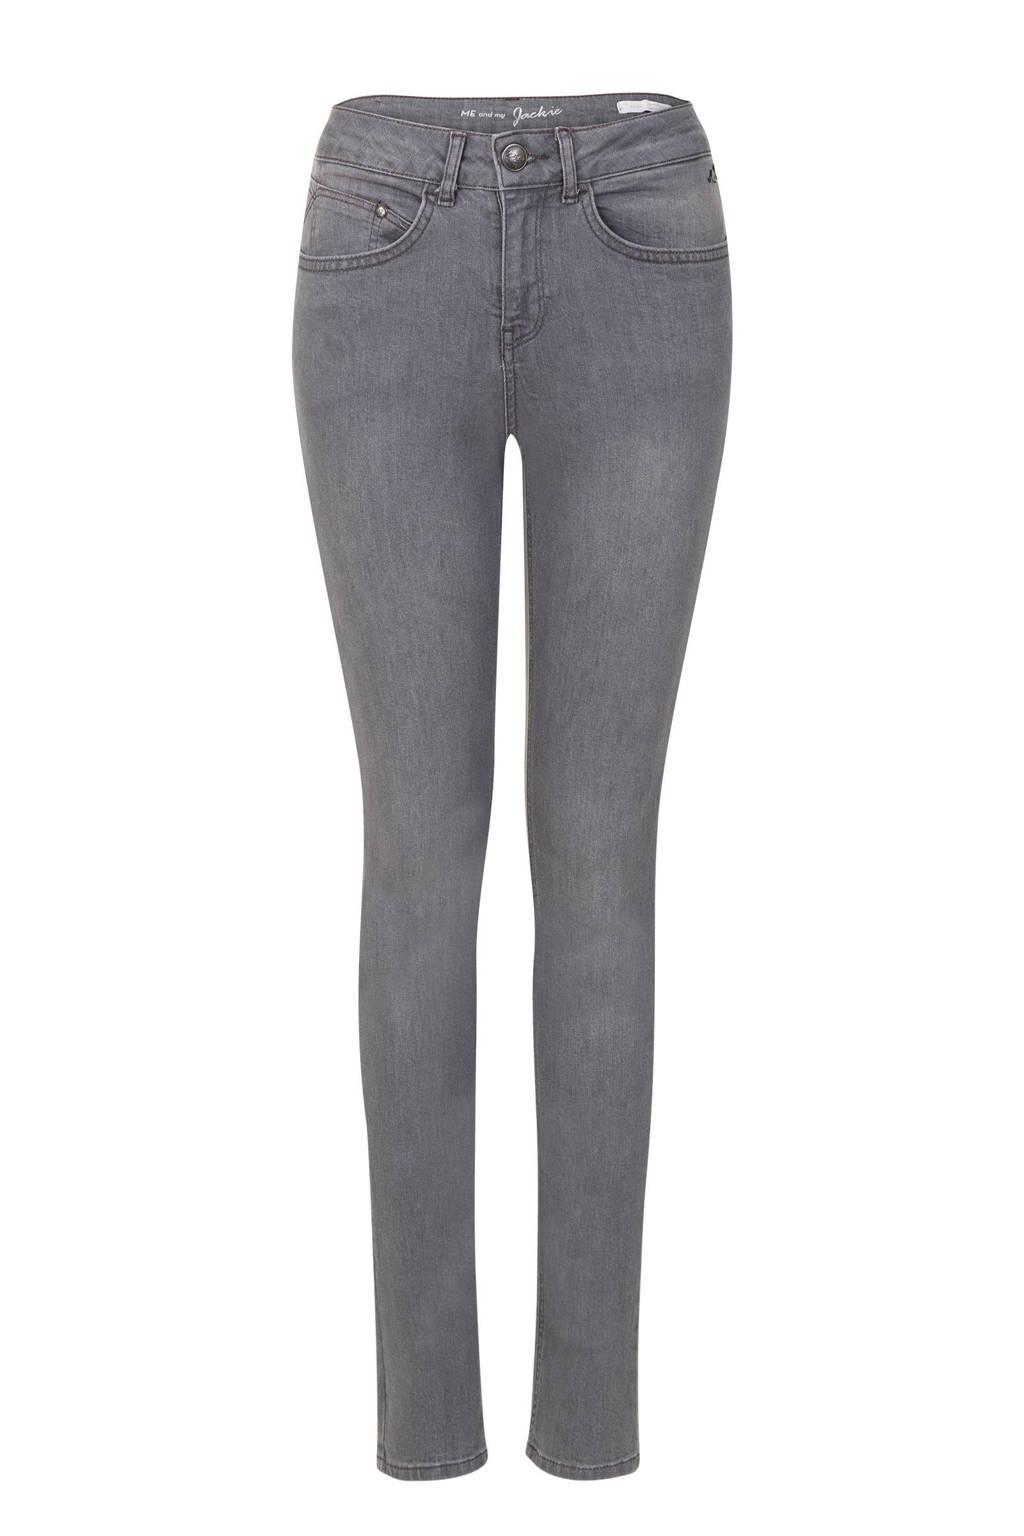 Miss Etam Regulier slim fit jeans grijs lengtemaat 36, Grijs